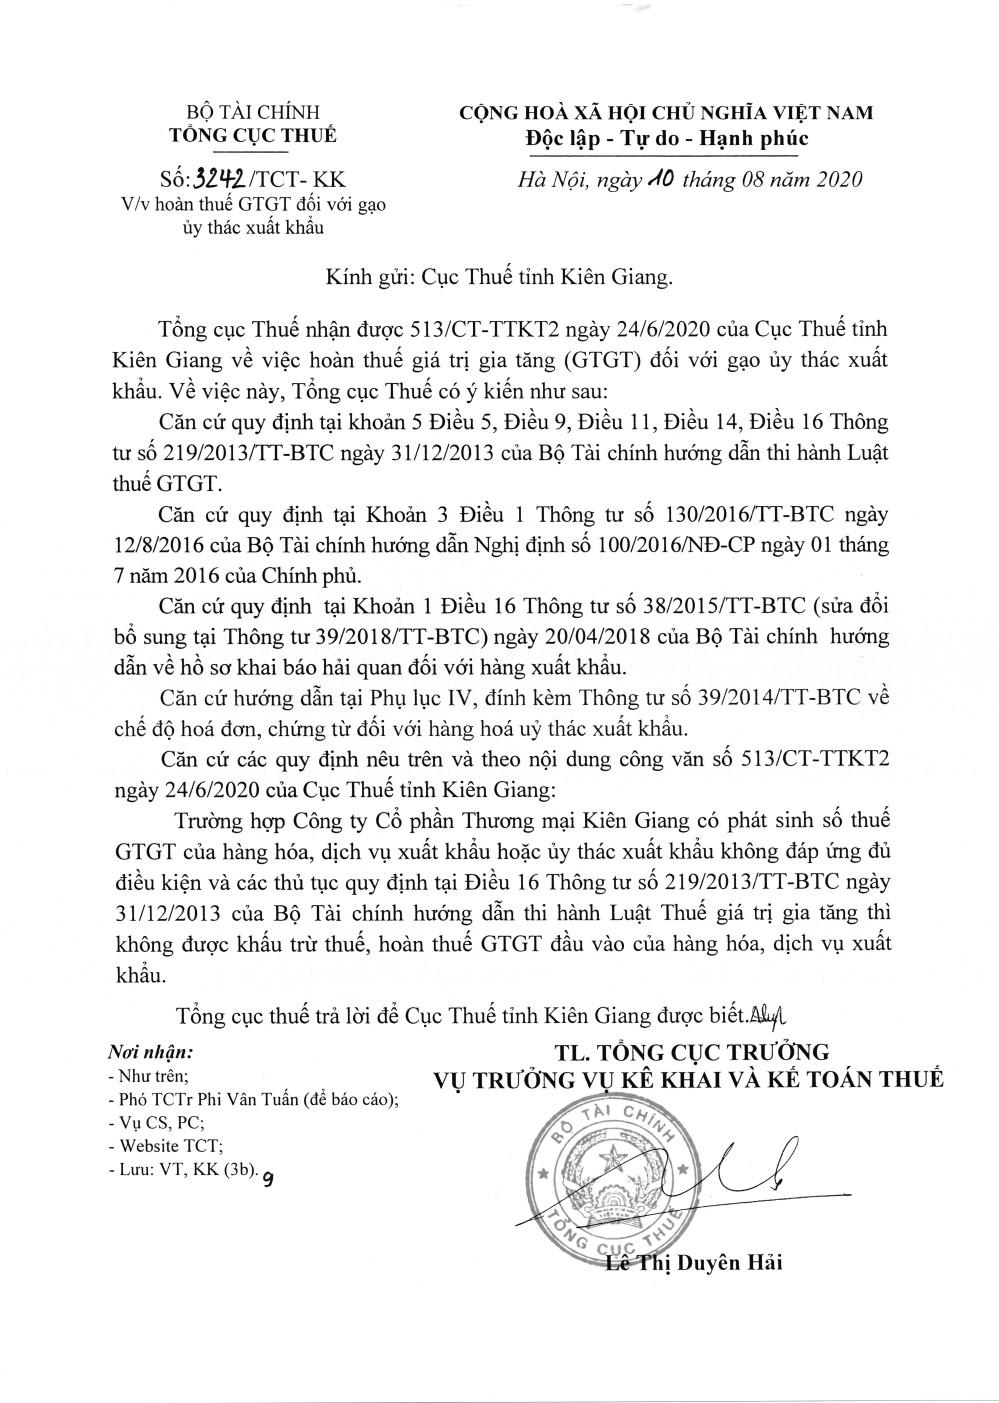 Công văn số 3242/TCT-KK của Tổng cục Thuế 10/08/2020 v/v hoàn thuế GTGT đối với gạo uỷ thác xuất khẩu